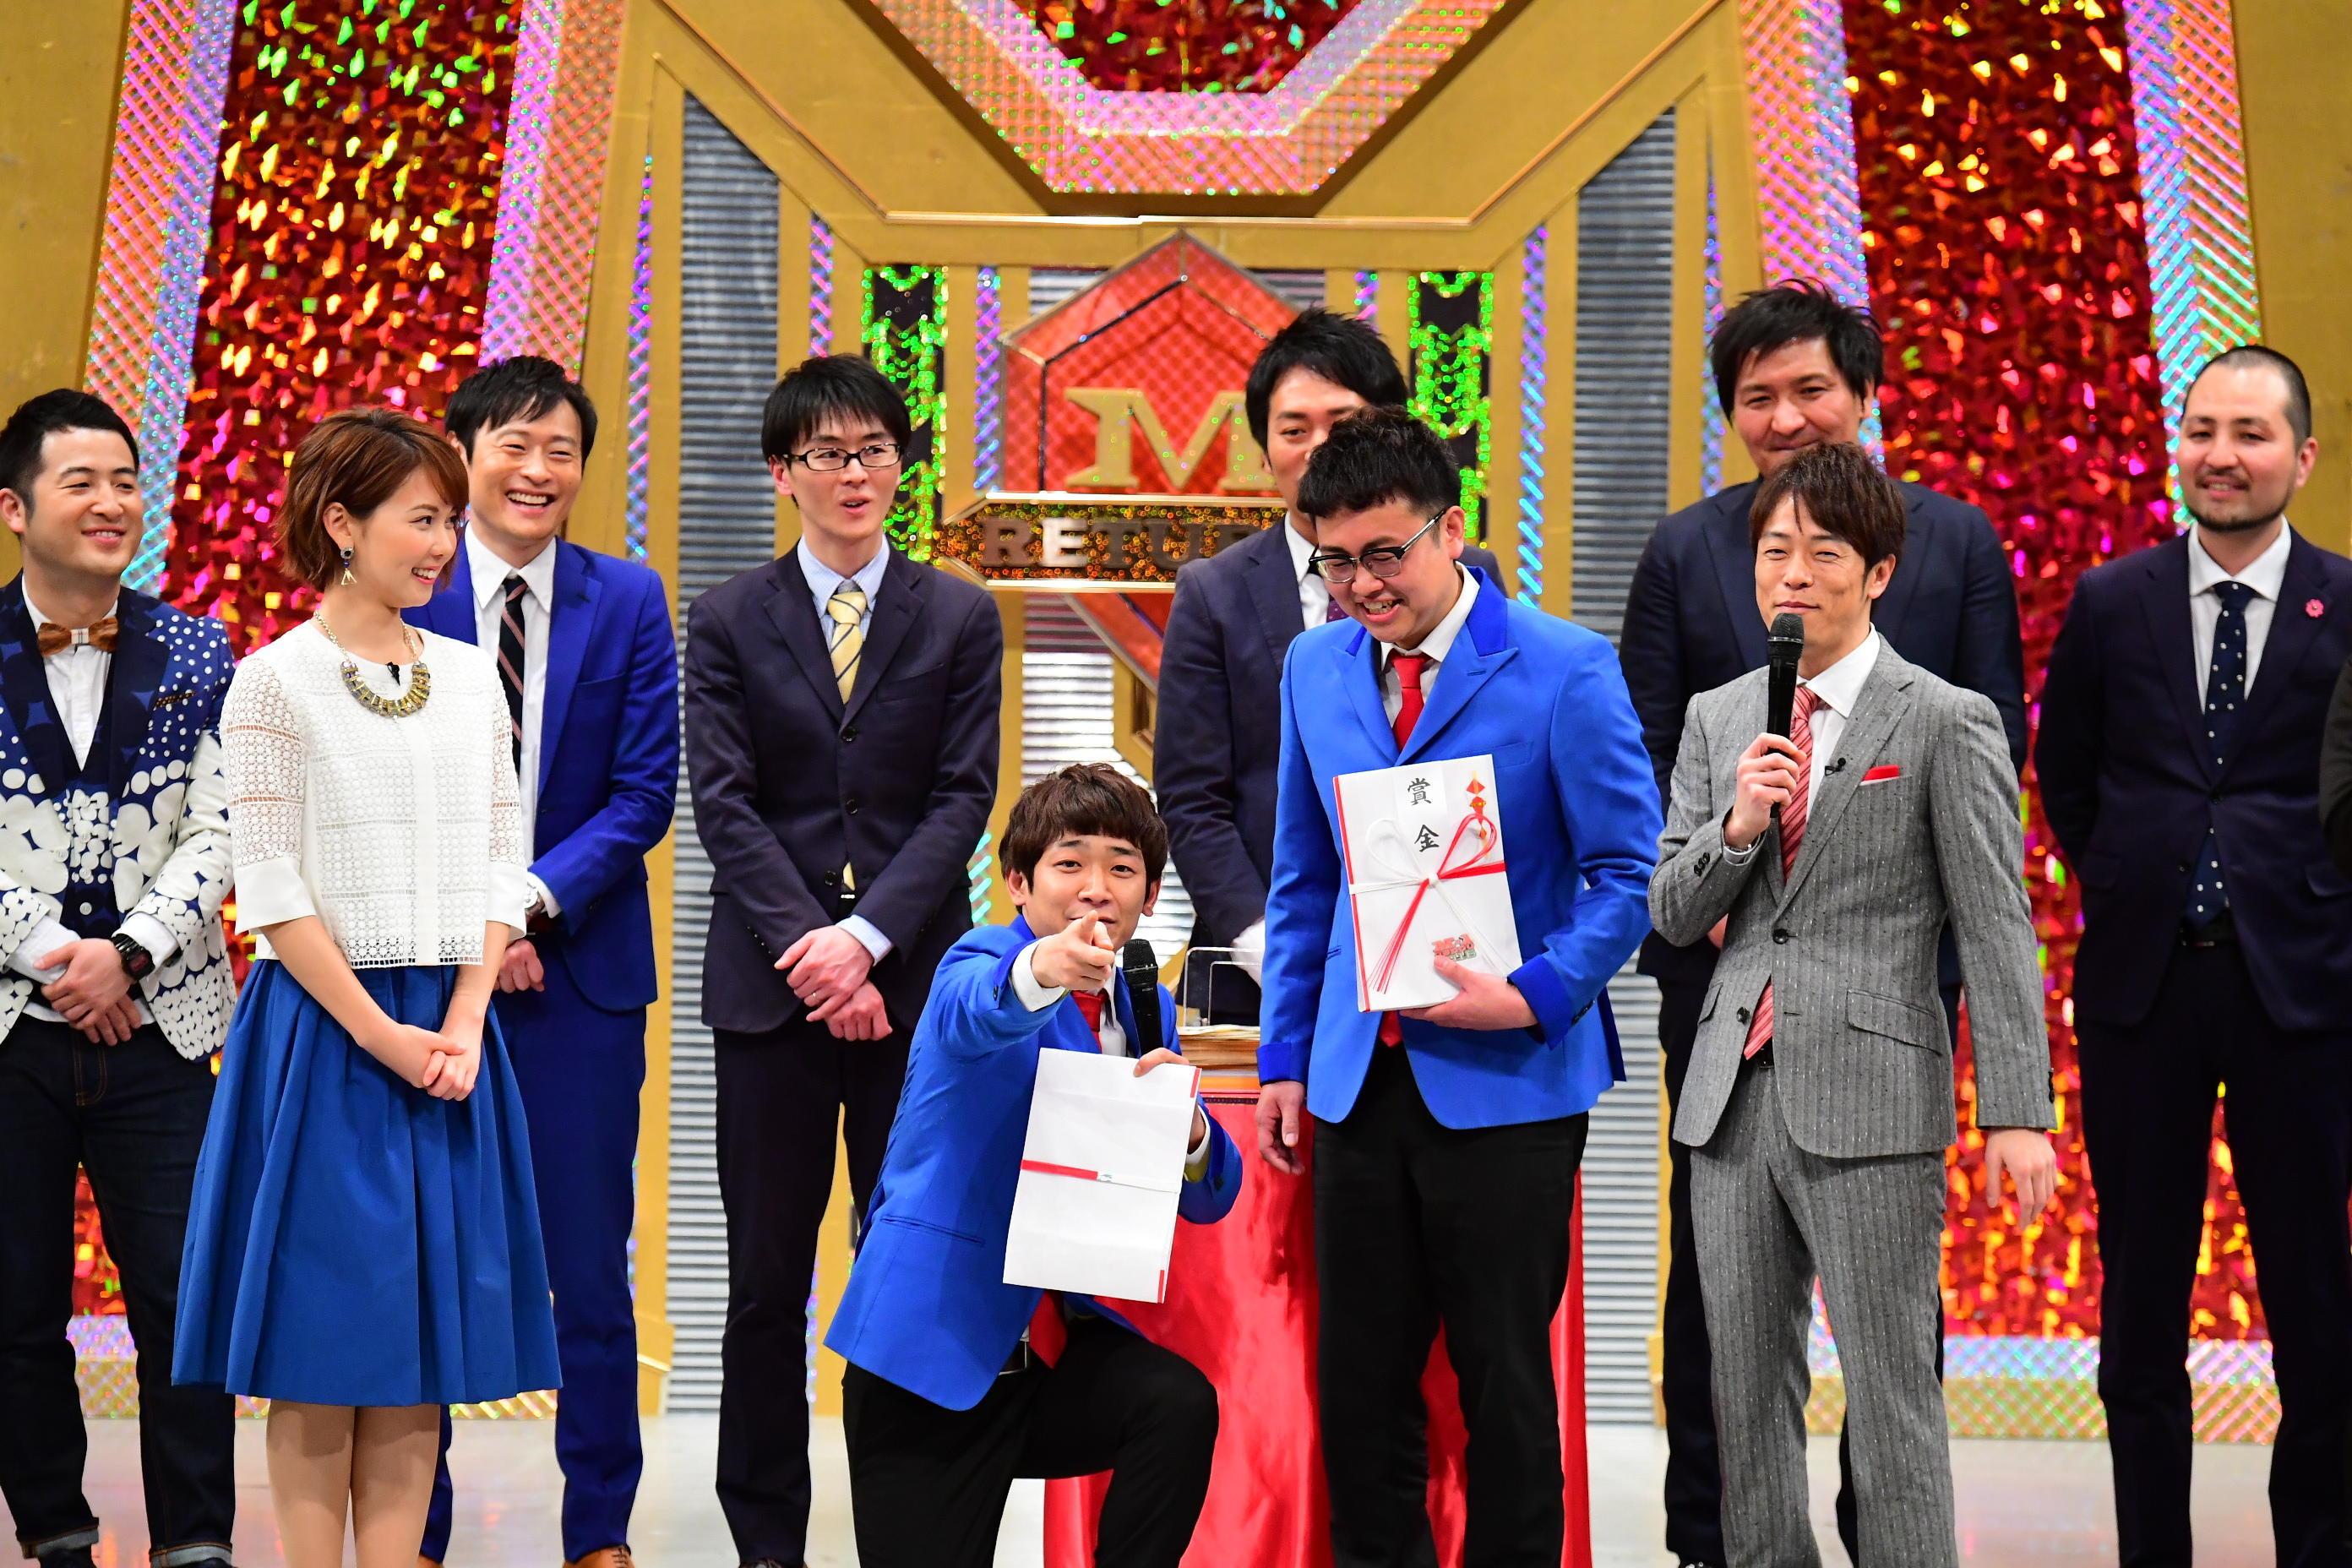 http://news.yoshimoto.co.jp/20170228155916-7890e1a0520645fbb0bb0996b9c50e09cff45c72.jpg